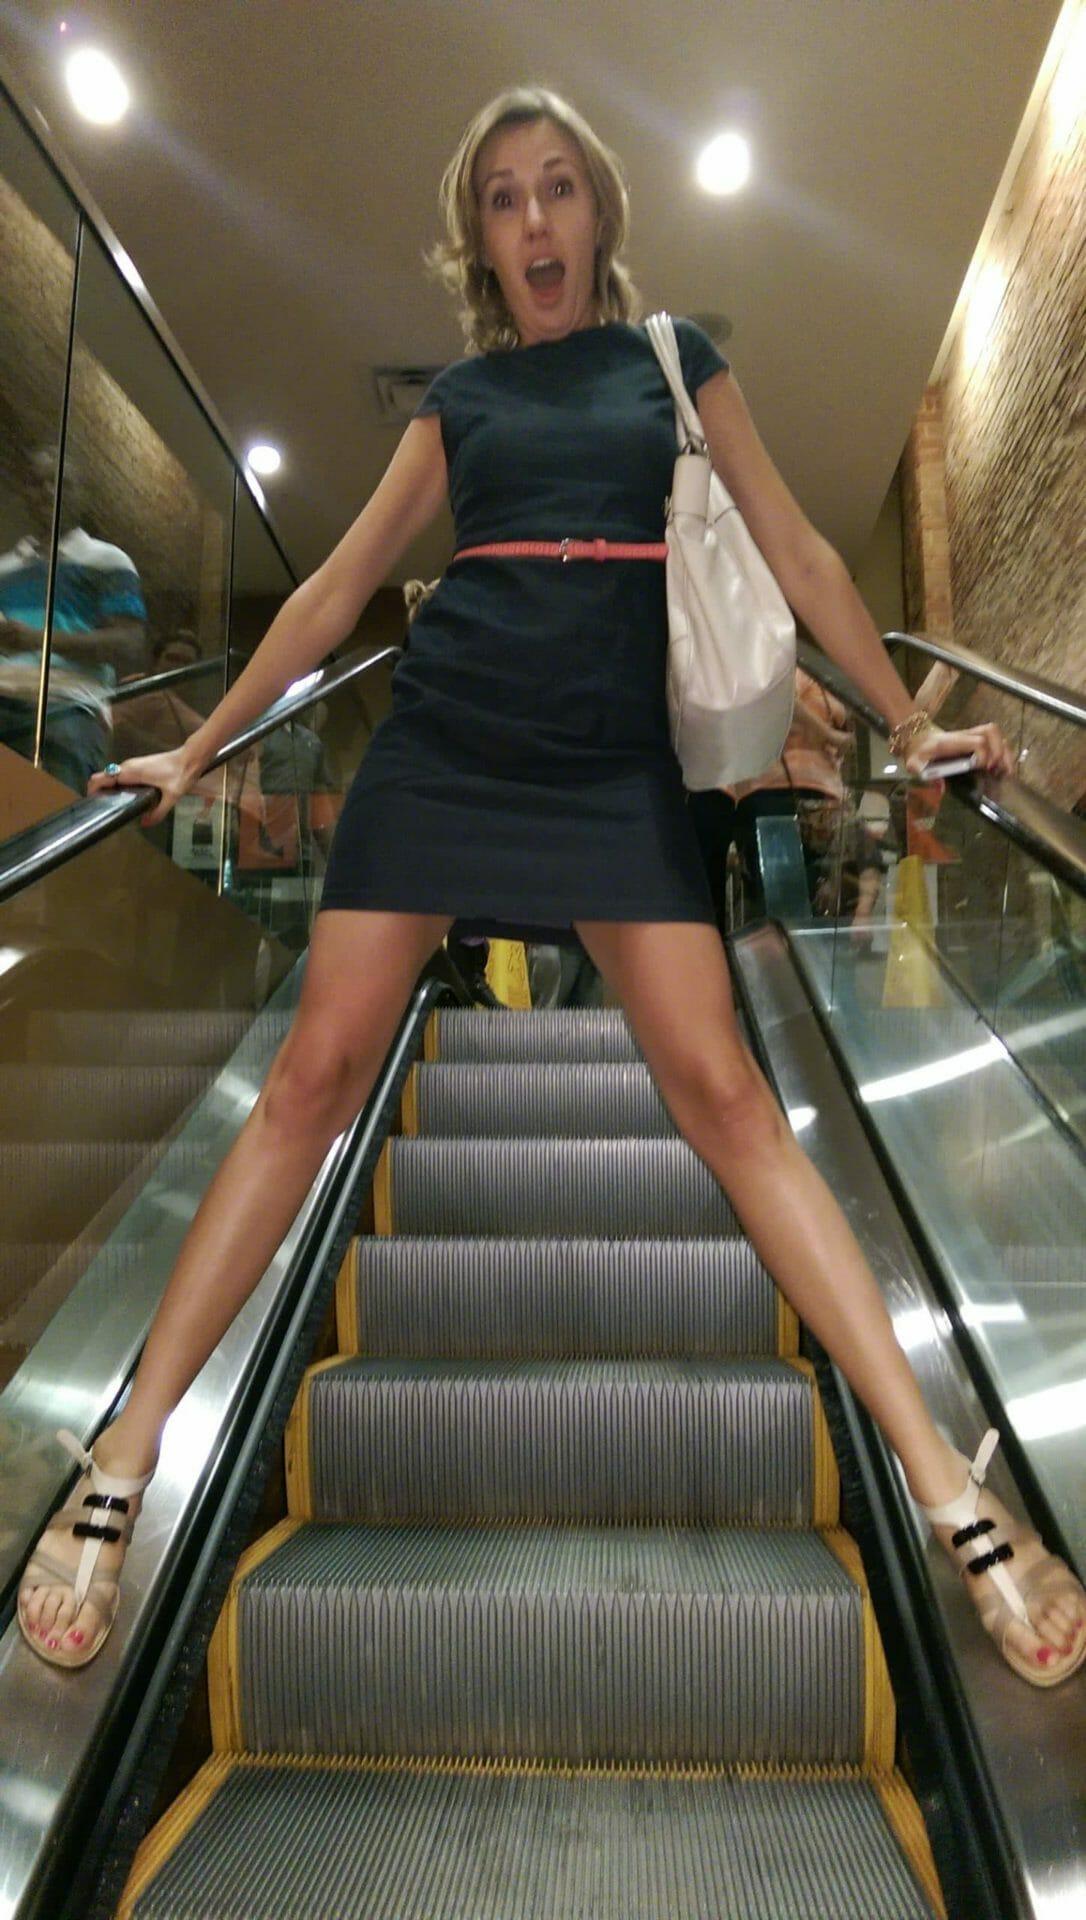 Cristi Rides the Escalator